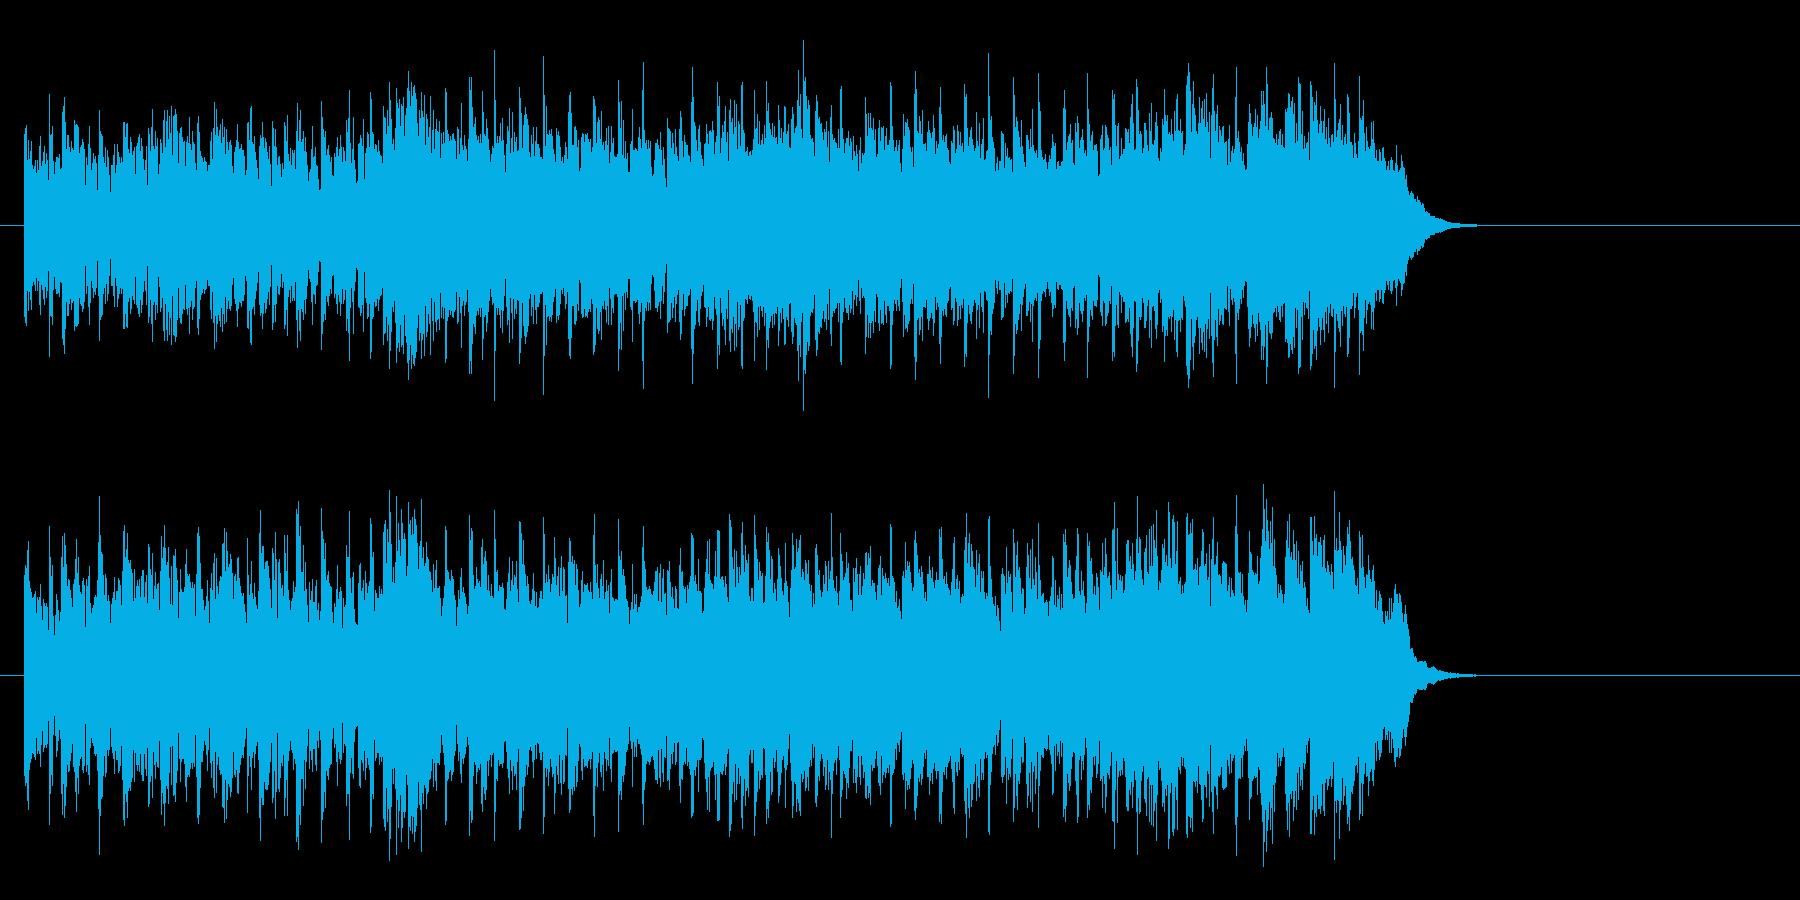 爽やかな歌謡曲風ポップス(サビ~エンド)の再生済みの波形